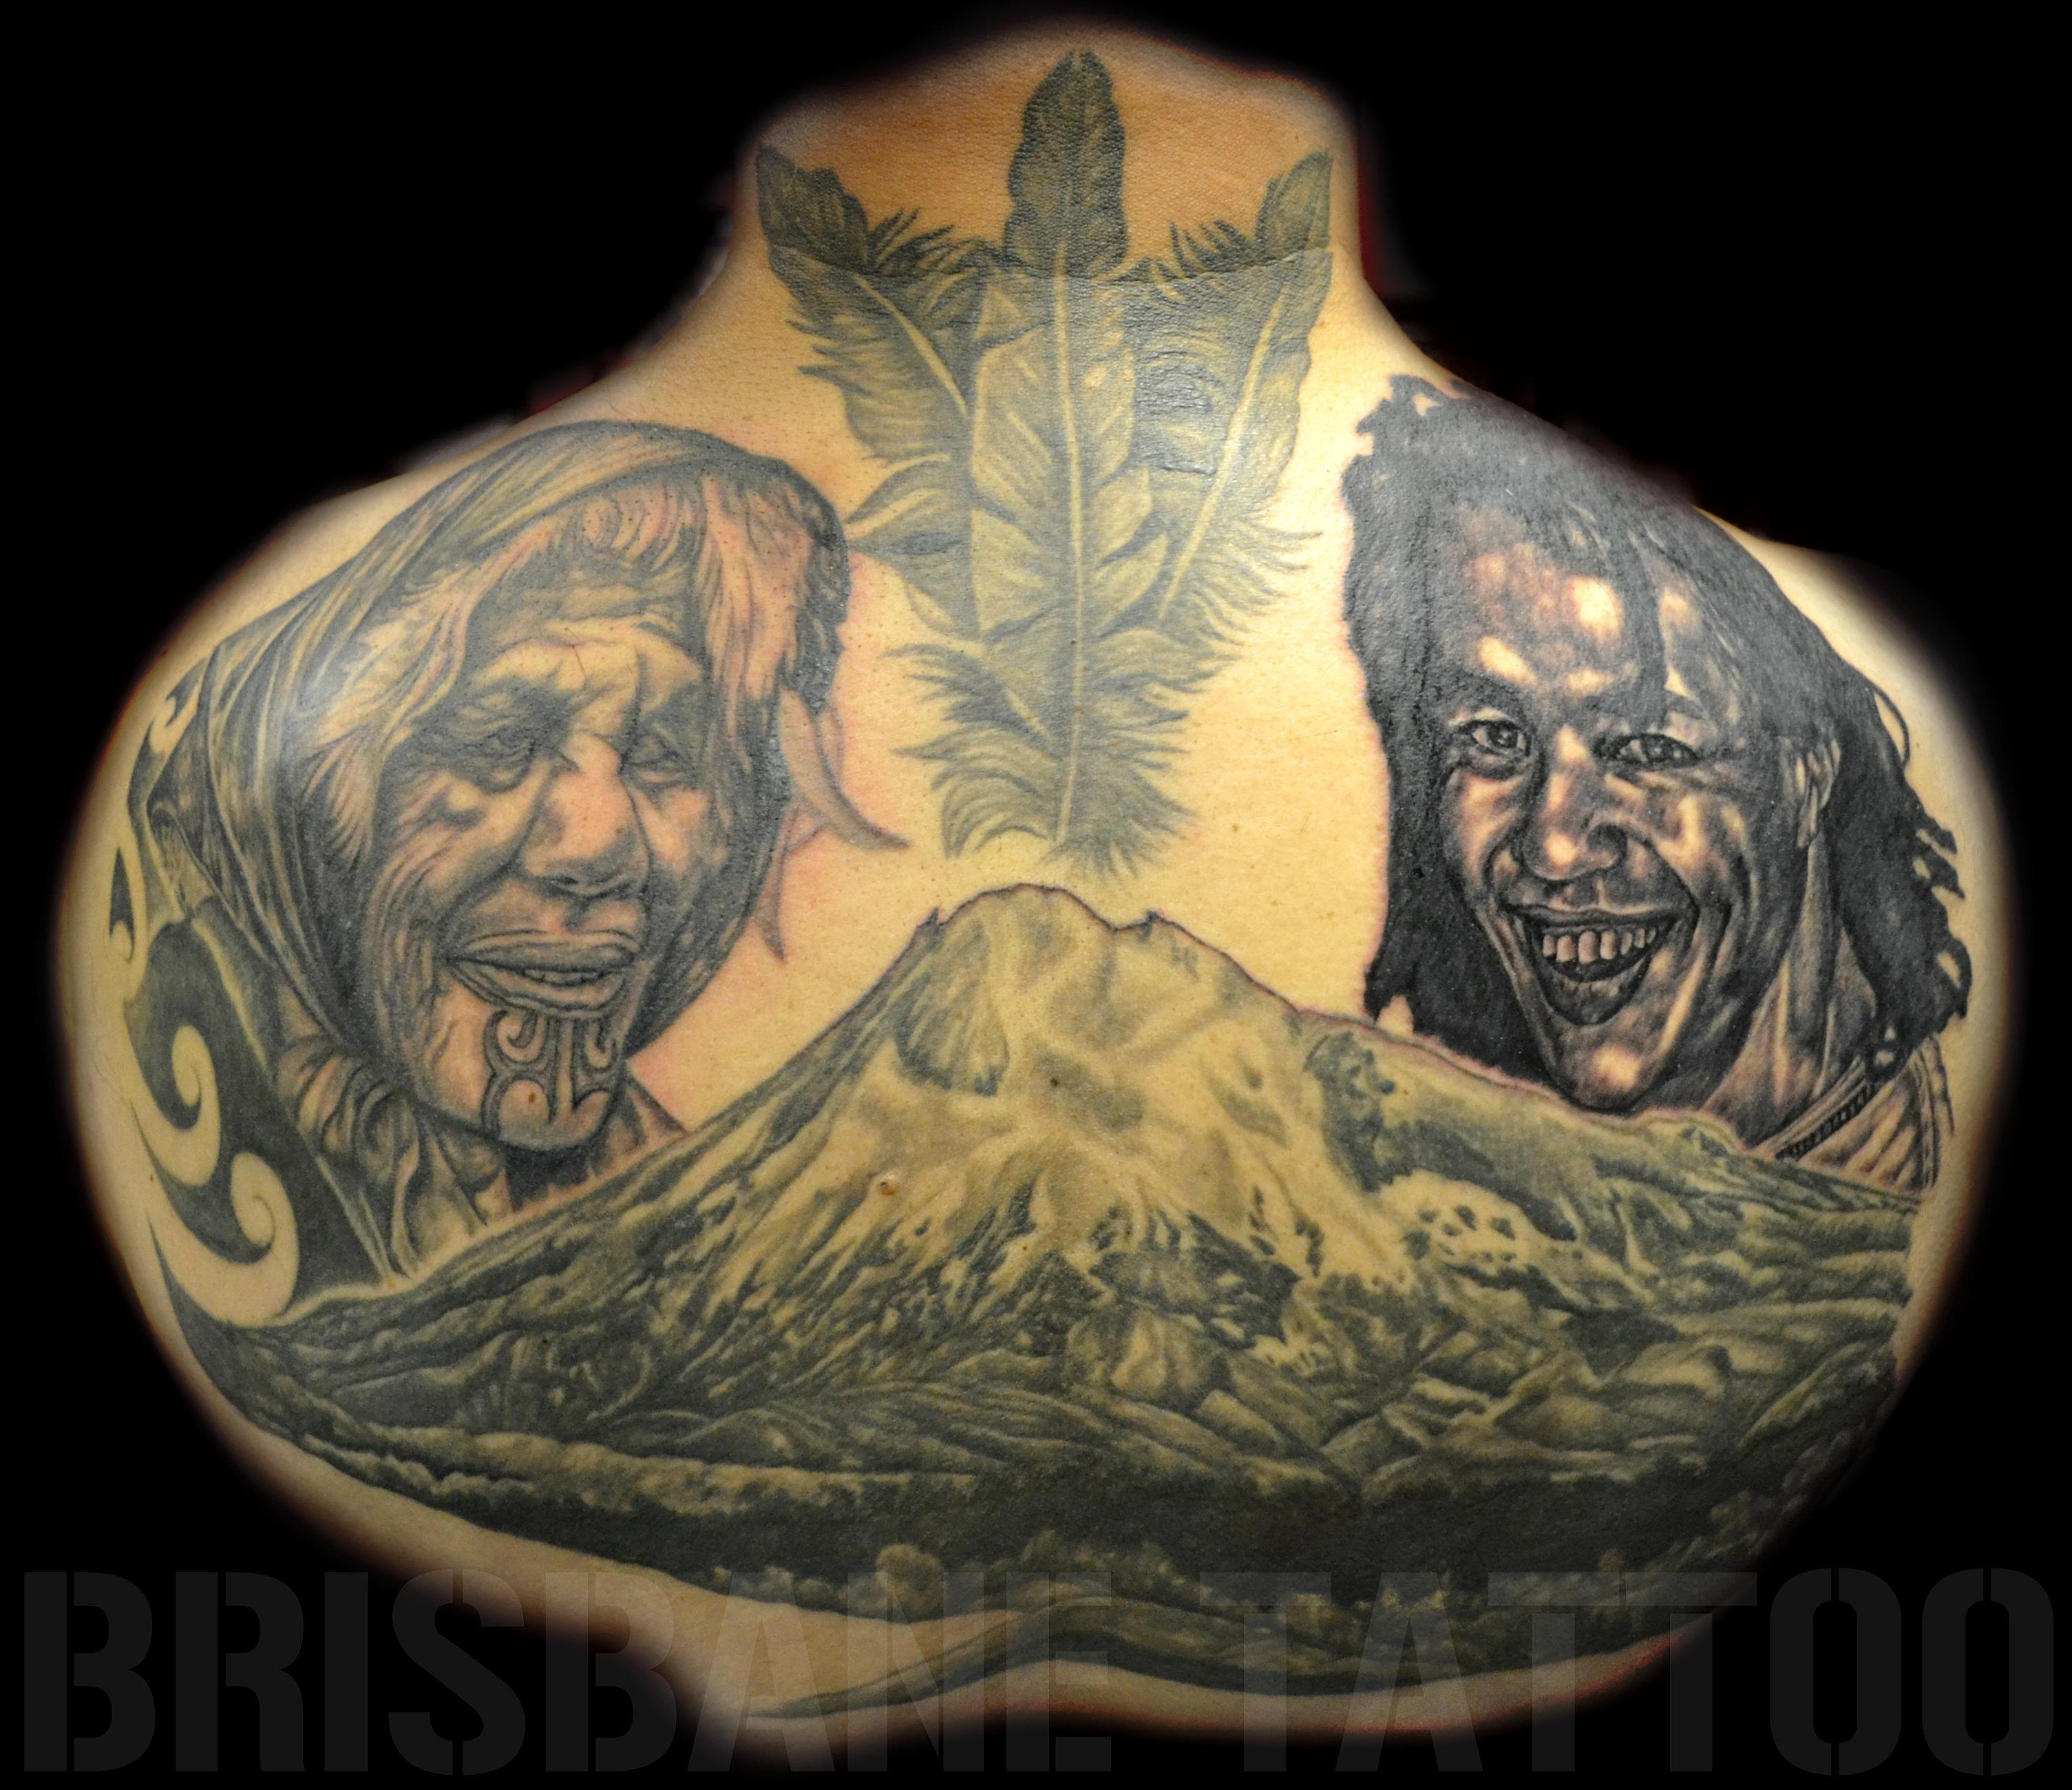 Brisbane Tattoo Brisbane Tattoo Artists Brisbane Tattoo Turtle Undead